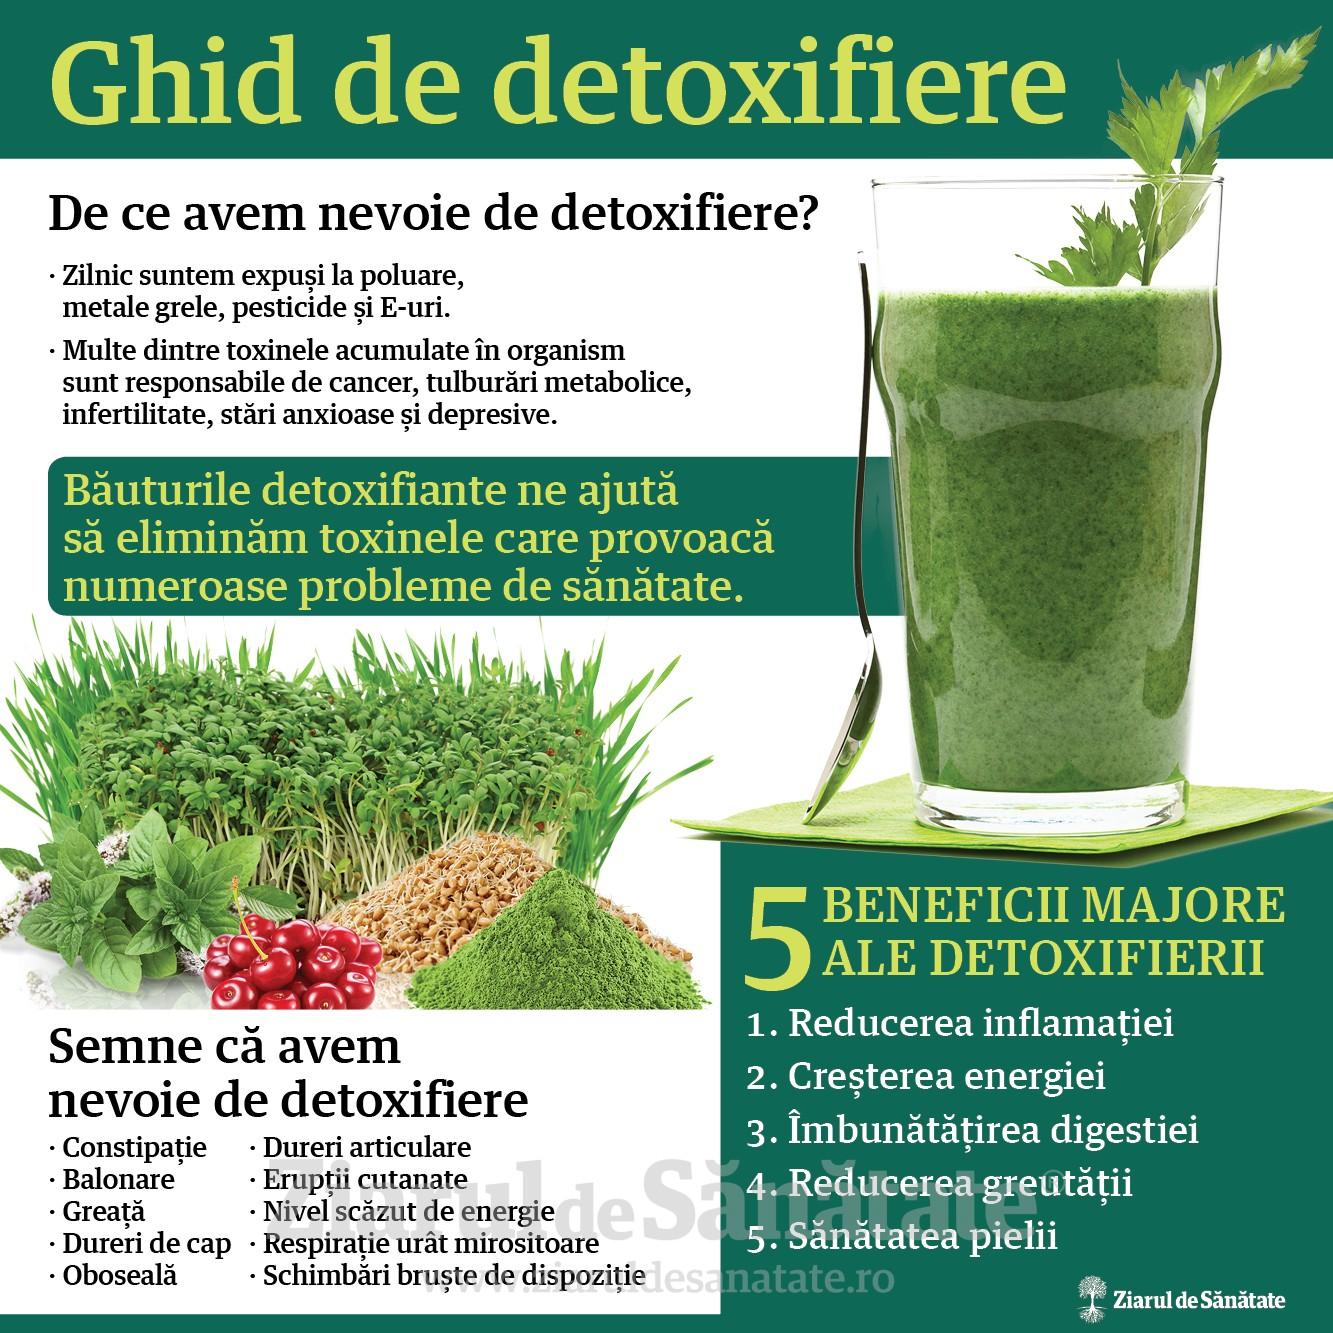 infografie-detoxifiere